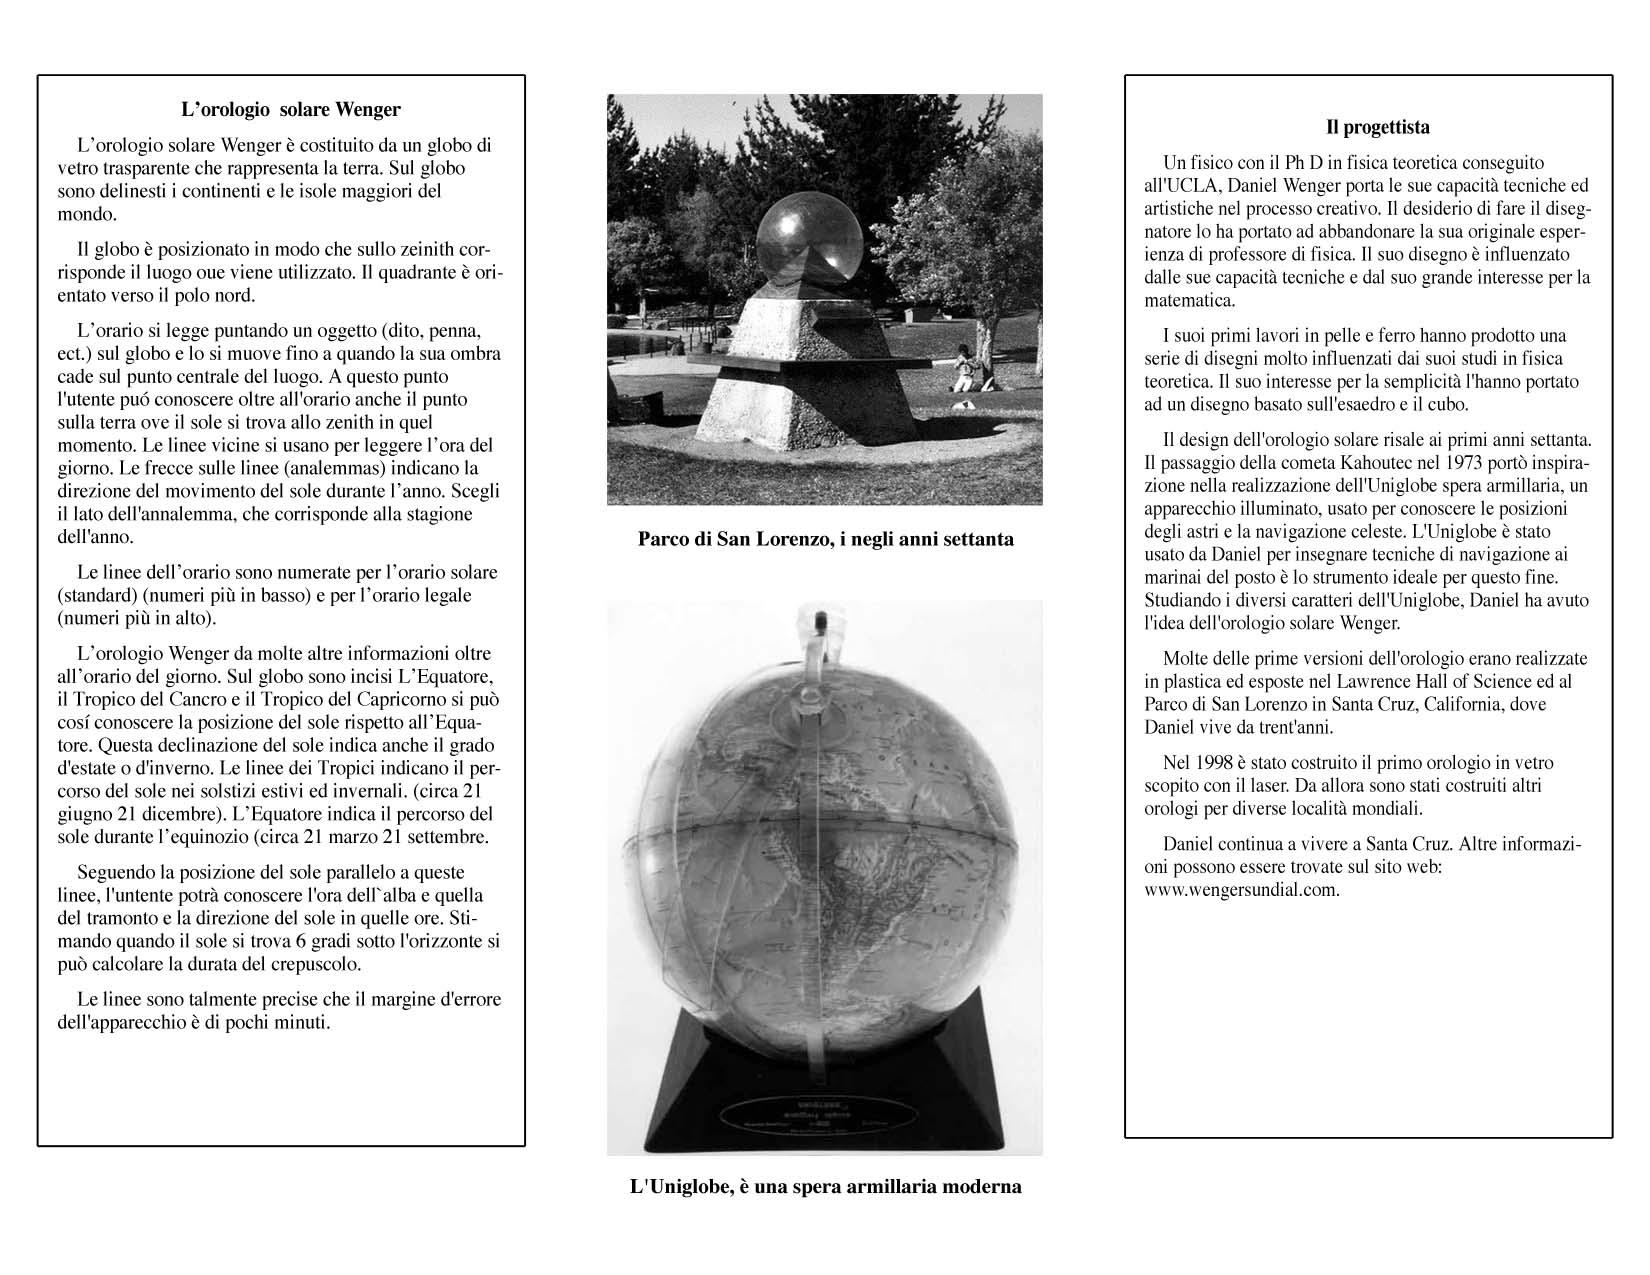 Wenger Sundial Brochure in Italian